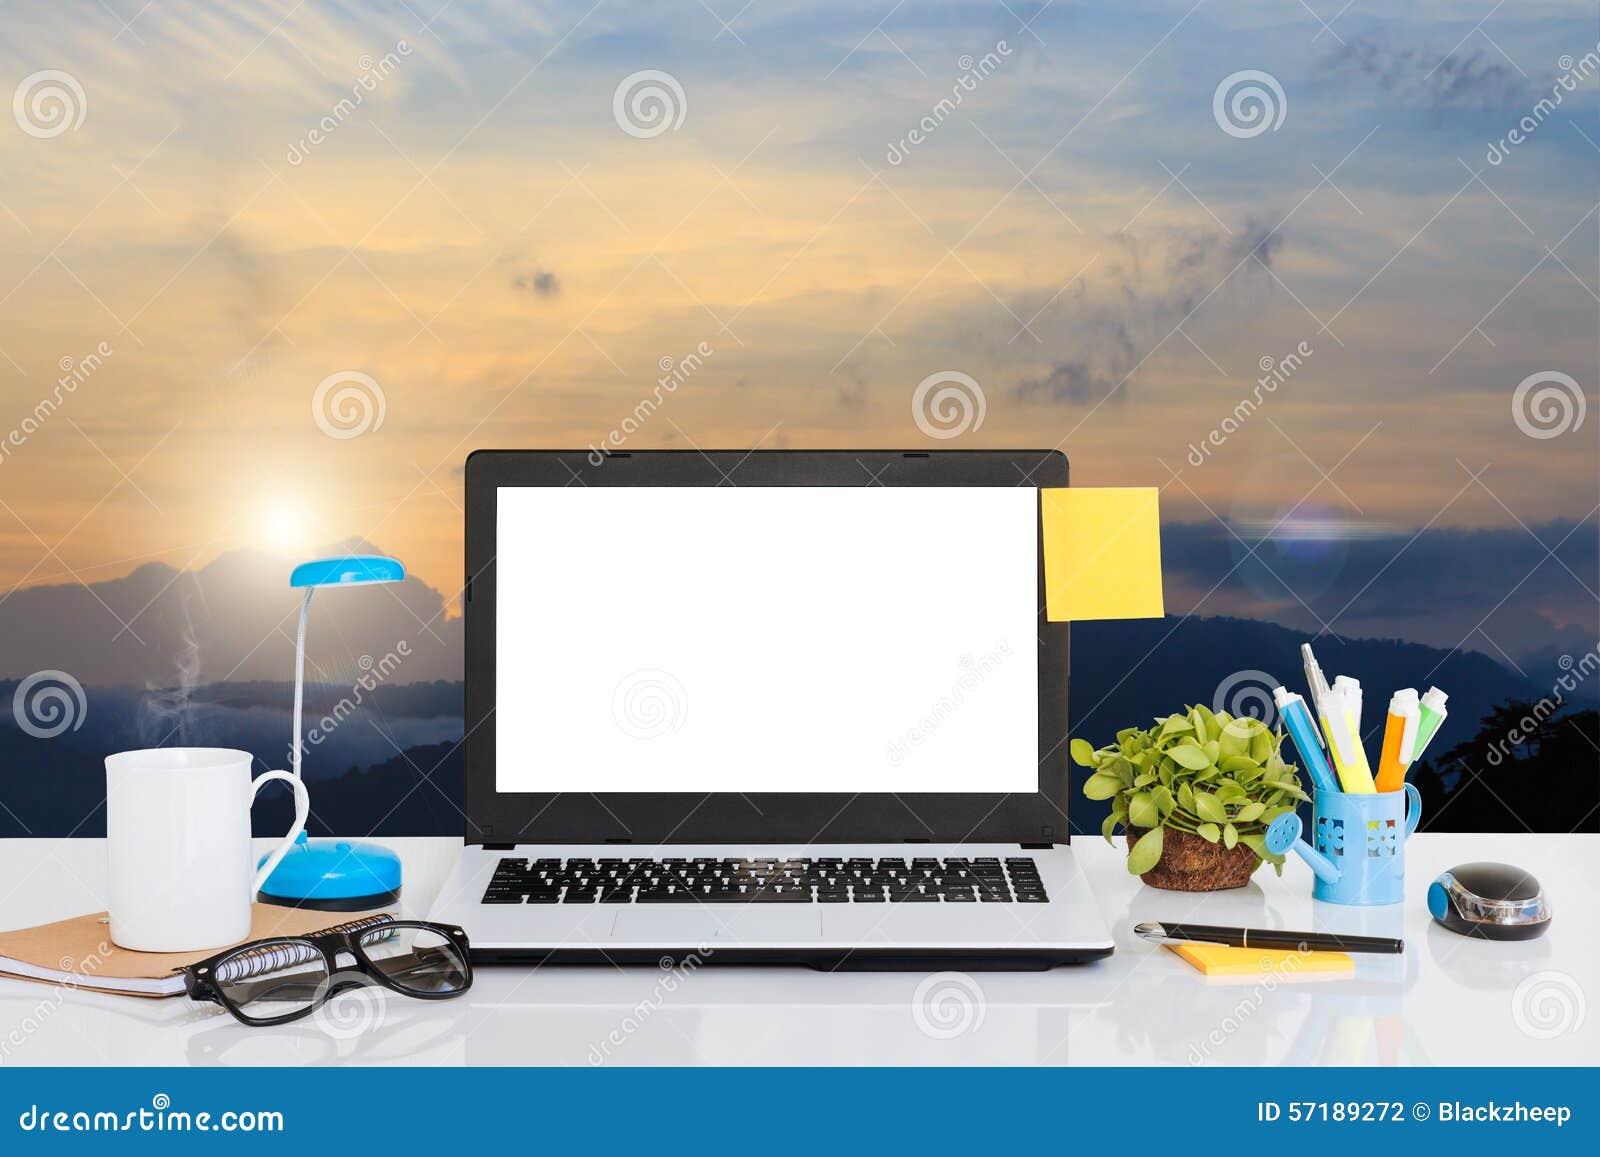 Landschaft hintergrund laptop